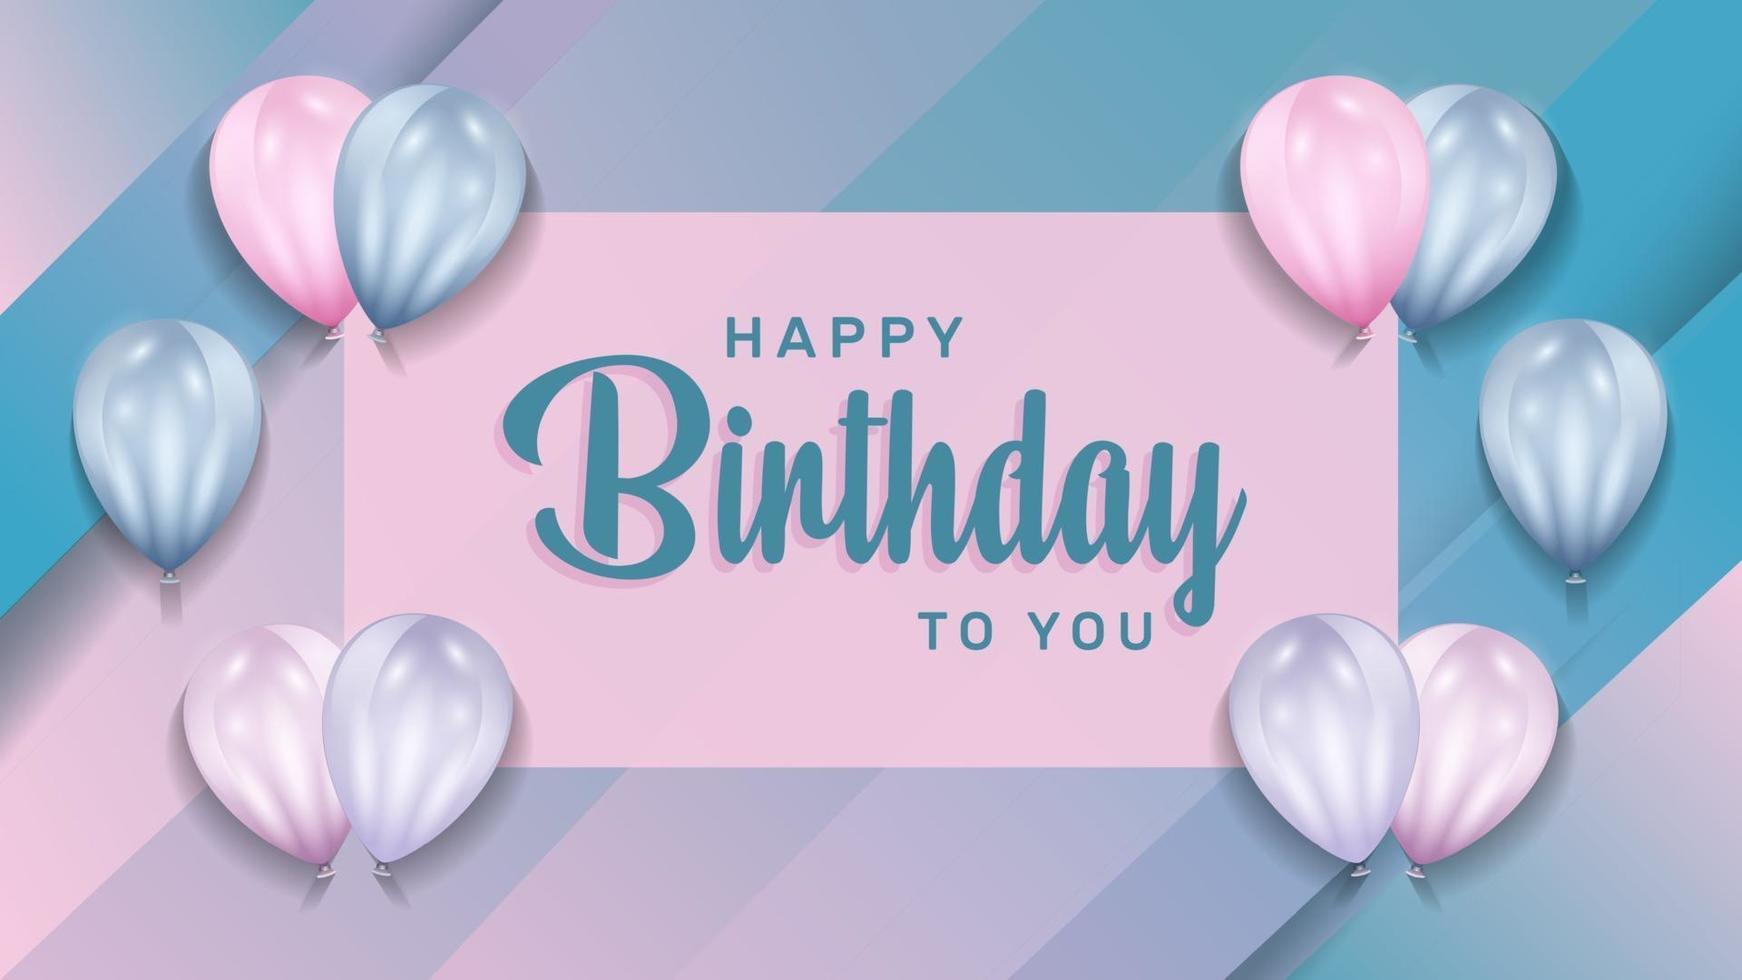 festa di buon compleanno con palloncini realistici 3d per biglietto di auguri di compleanno. banner festa, anniversario. illustrazione vettoriale. vettore